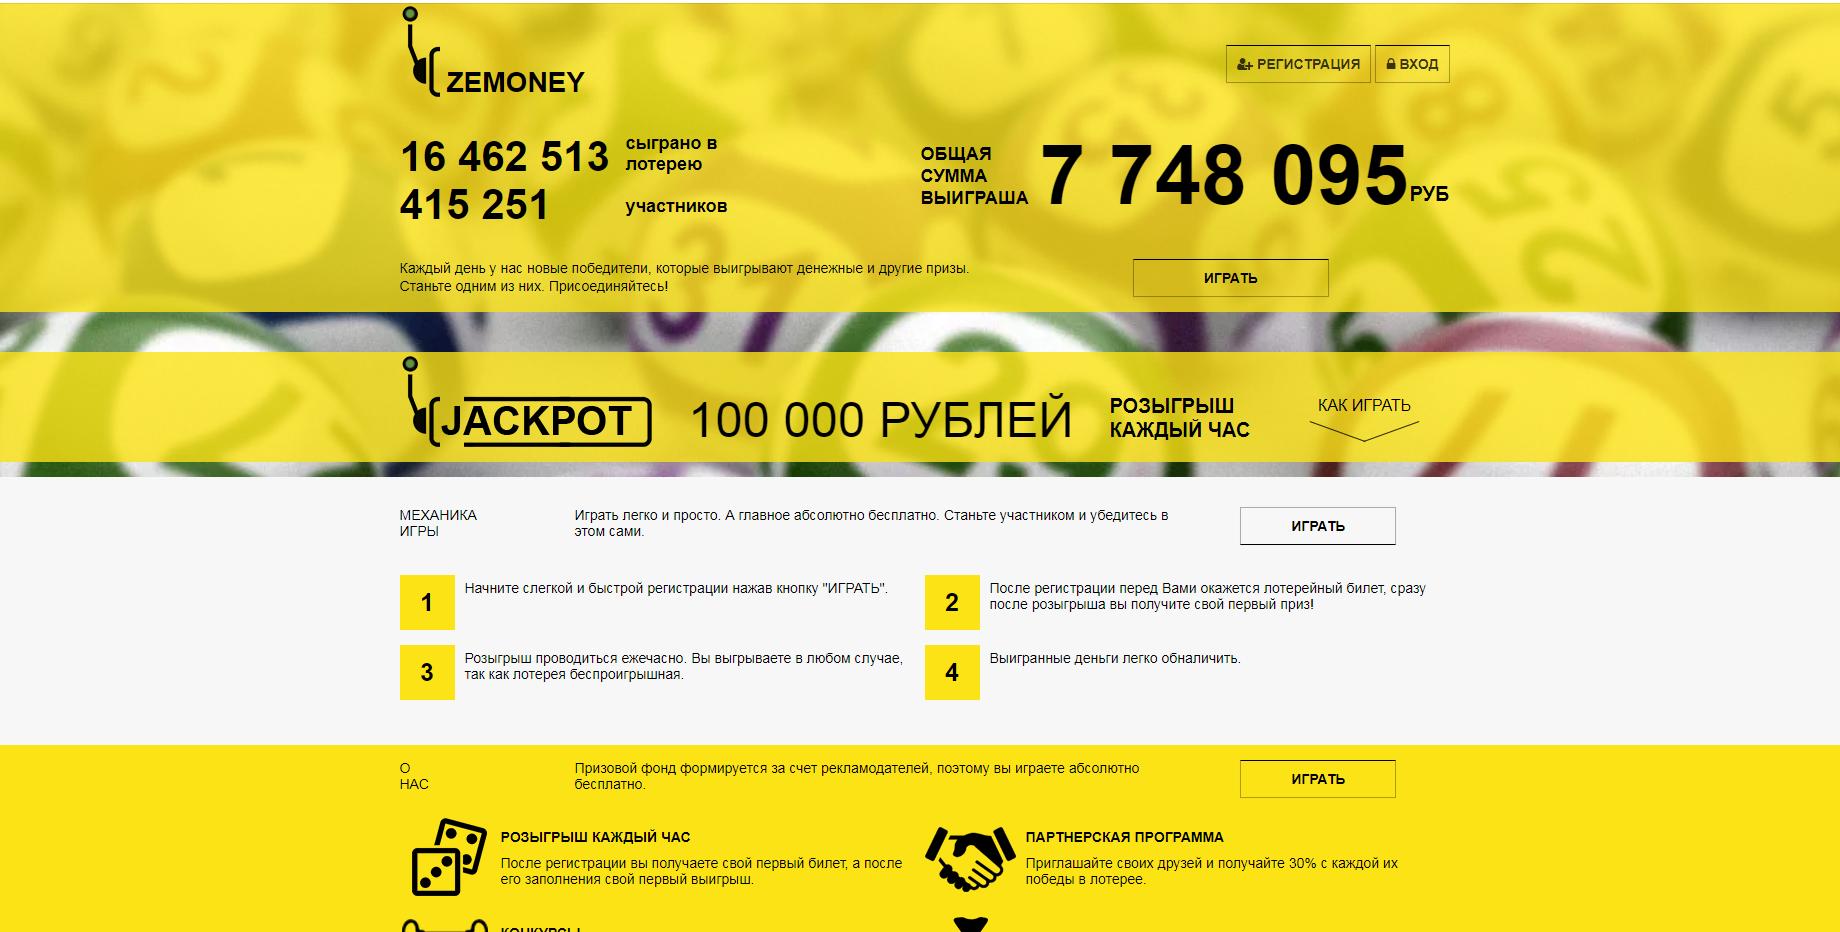 Сайт zemoney.ru